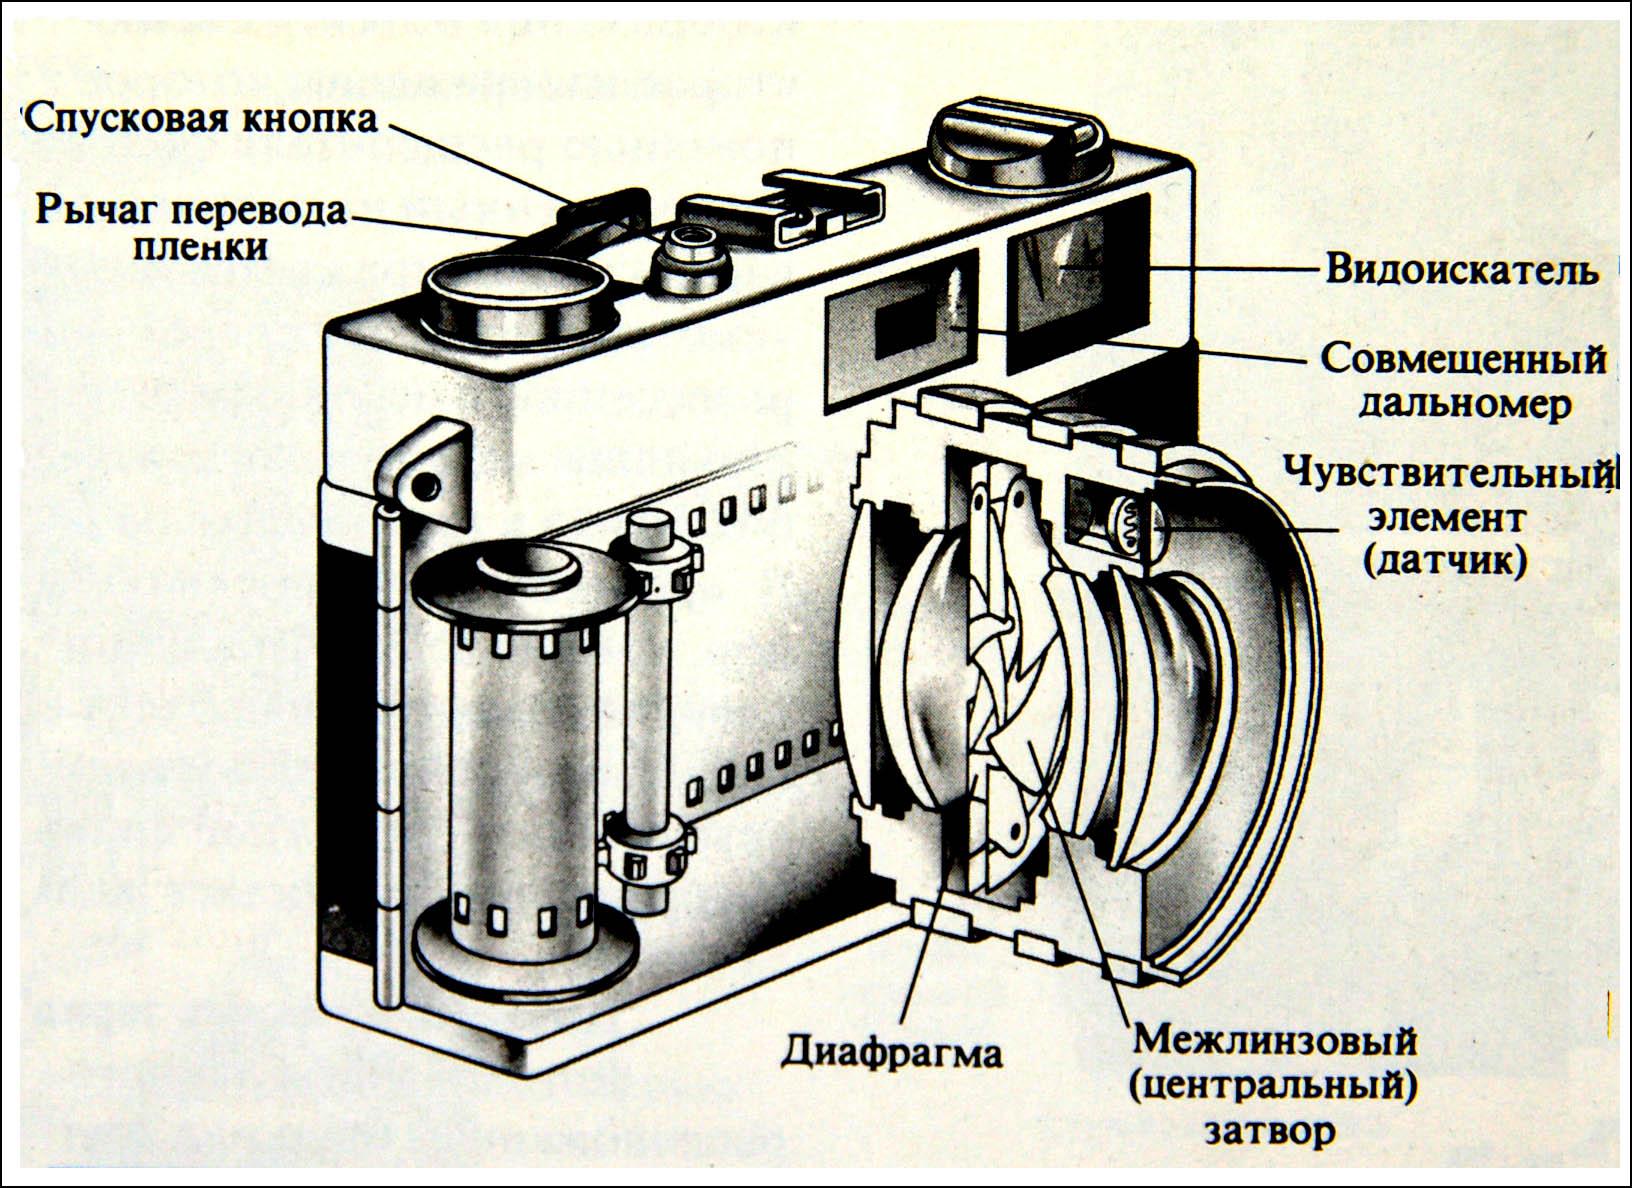 Принципиальные схемы фотоаппаратов кодак